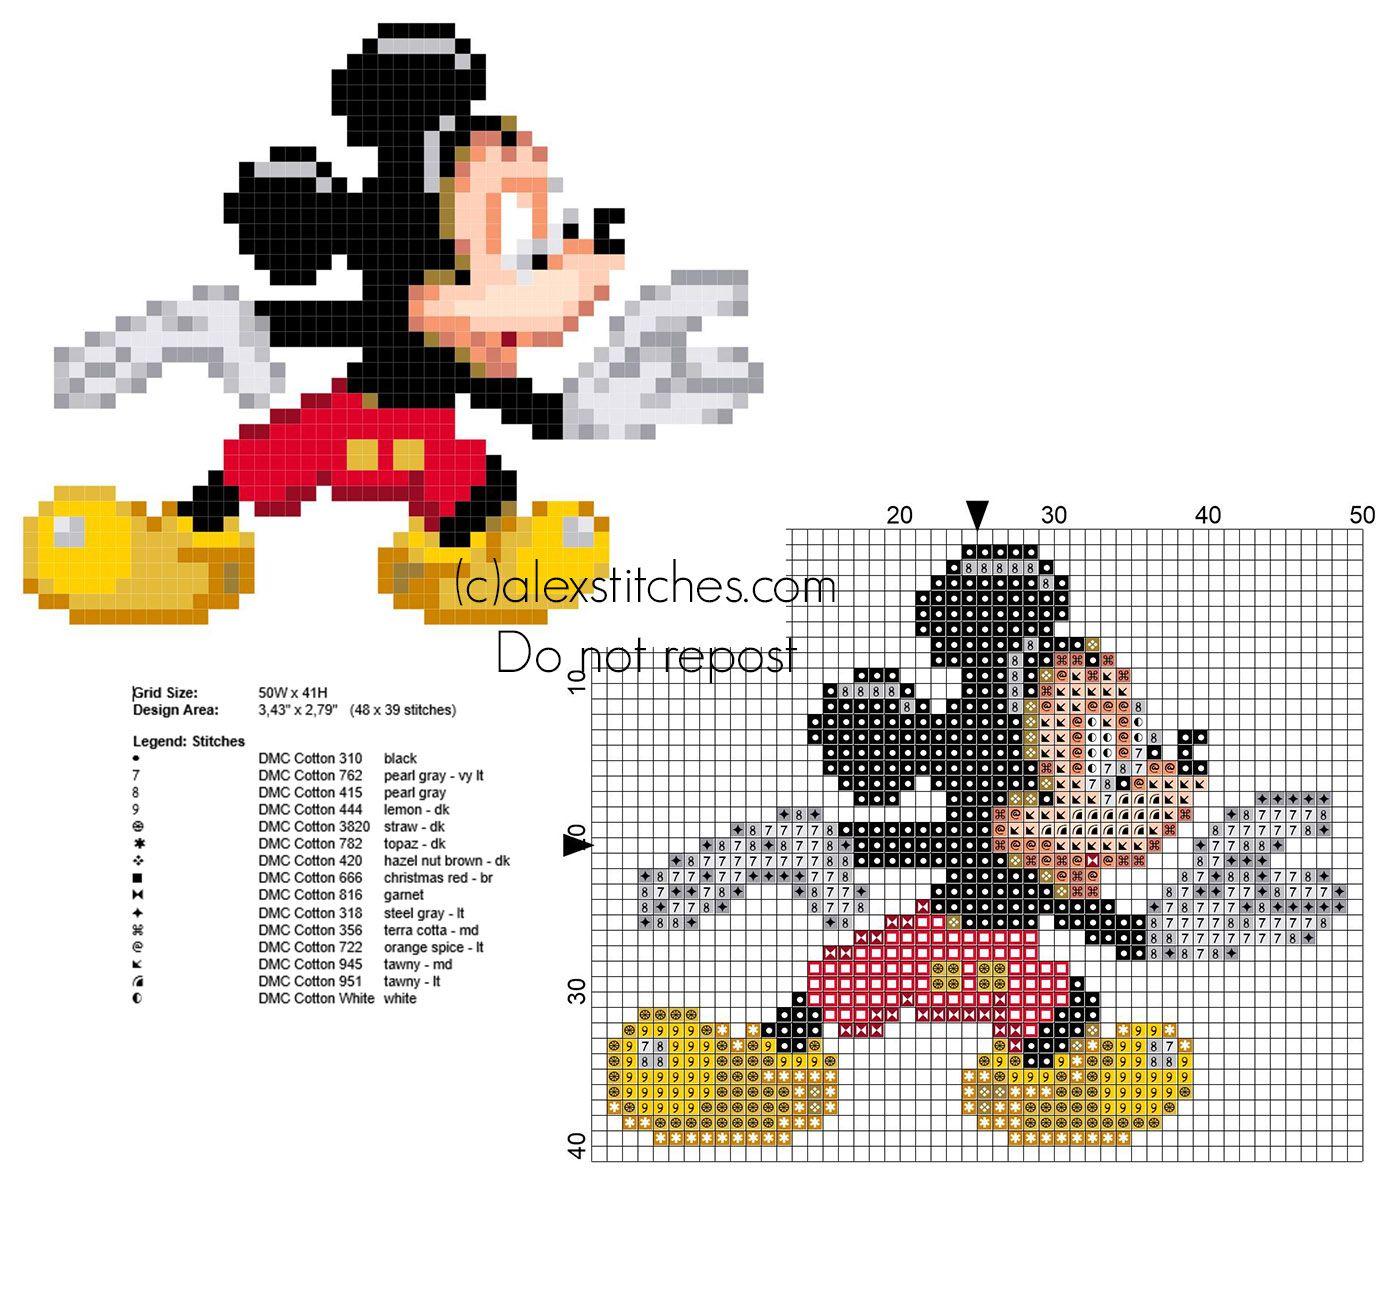 Petits disney mickey mouse mill sime 16 jeux vid o de bits traversent mod le de point broderie - Jeux mickey mouse gratuit ...